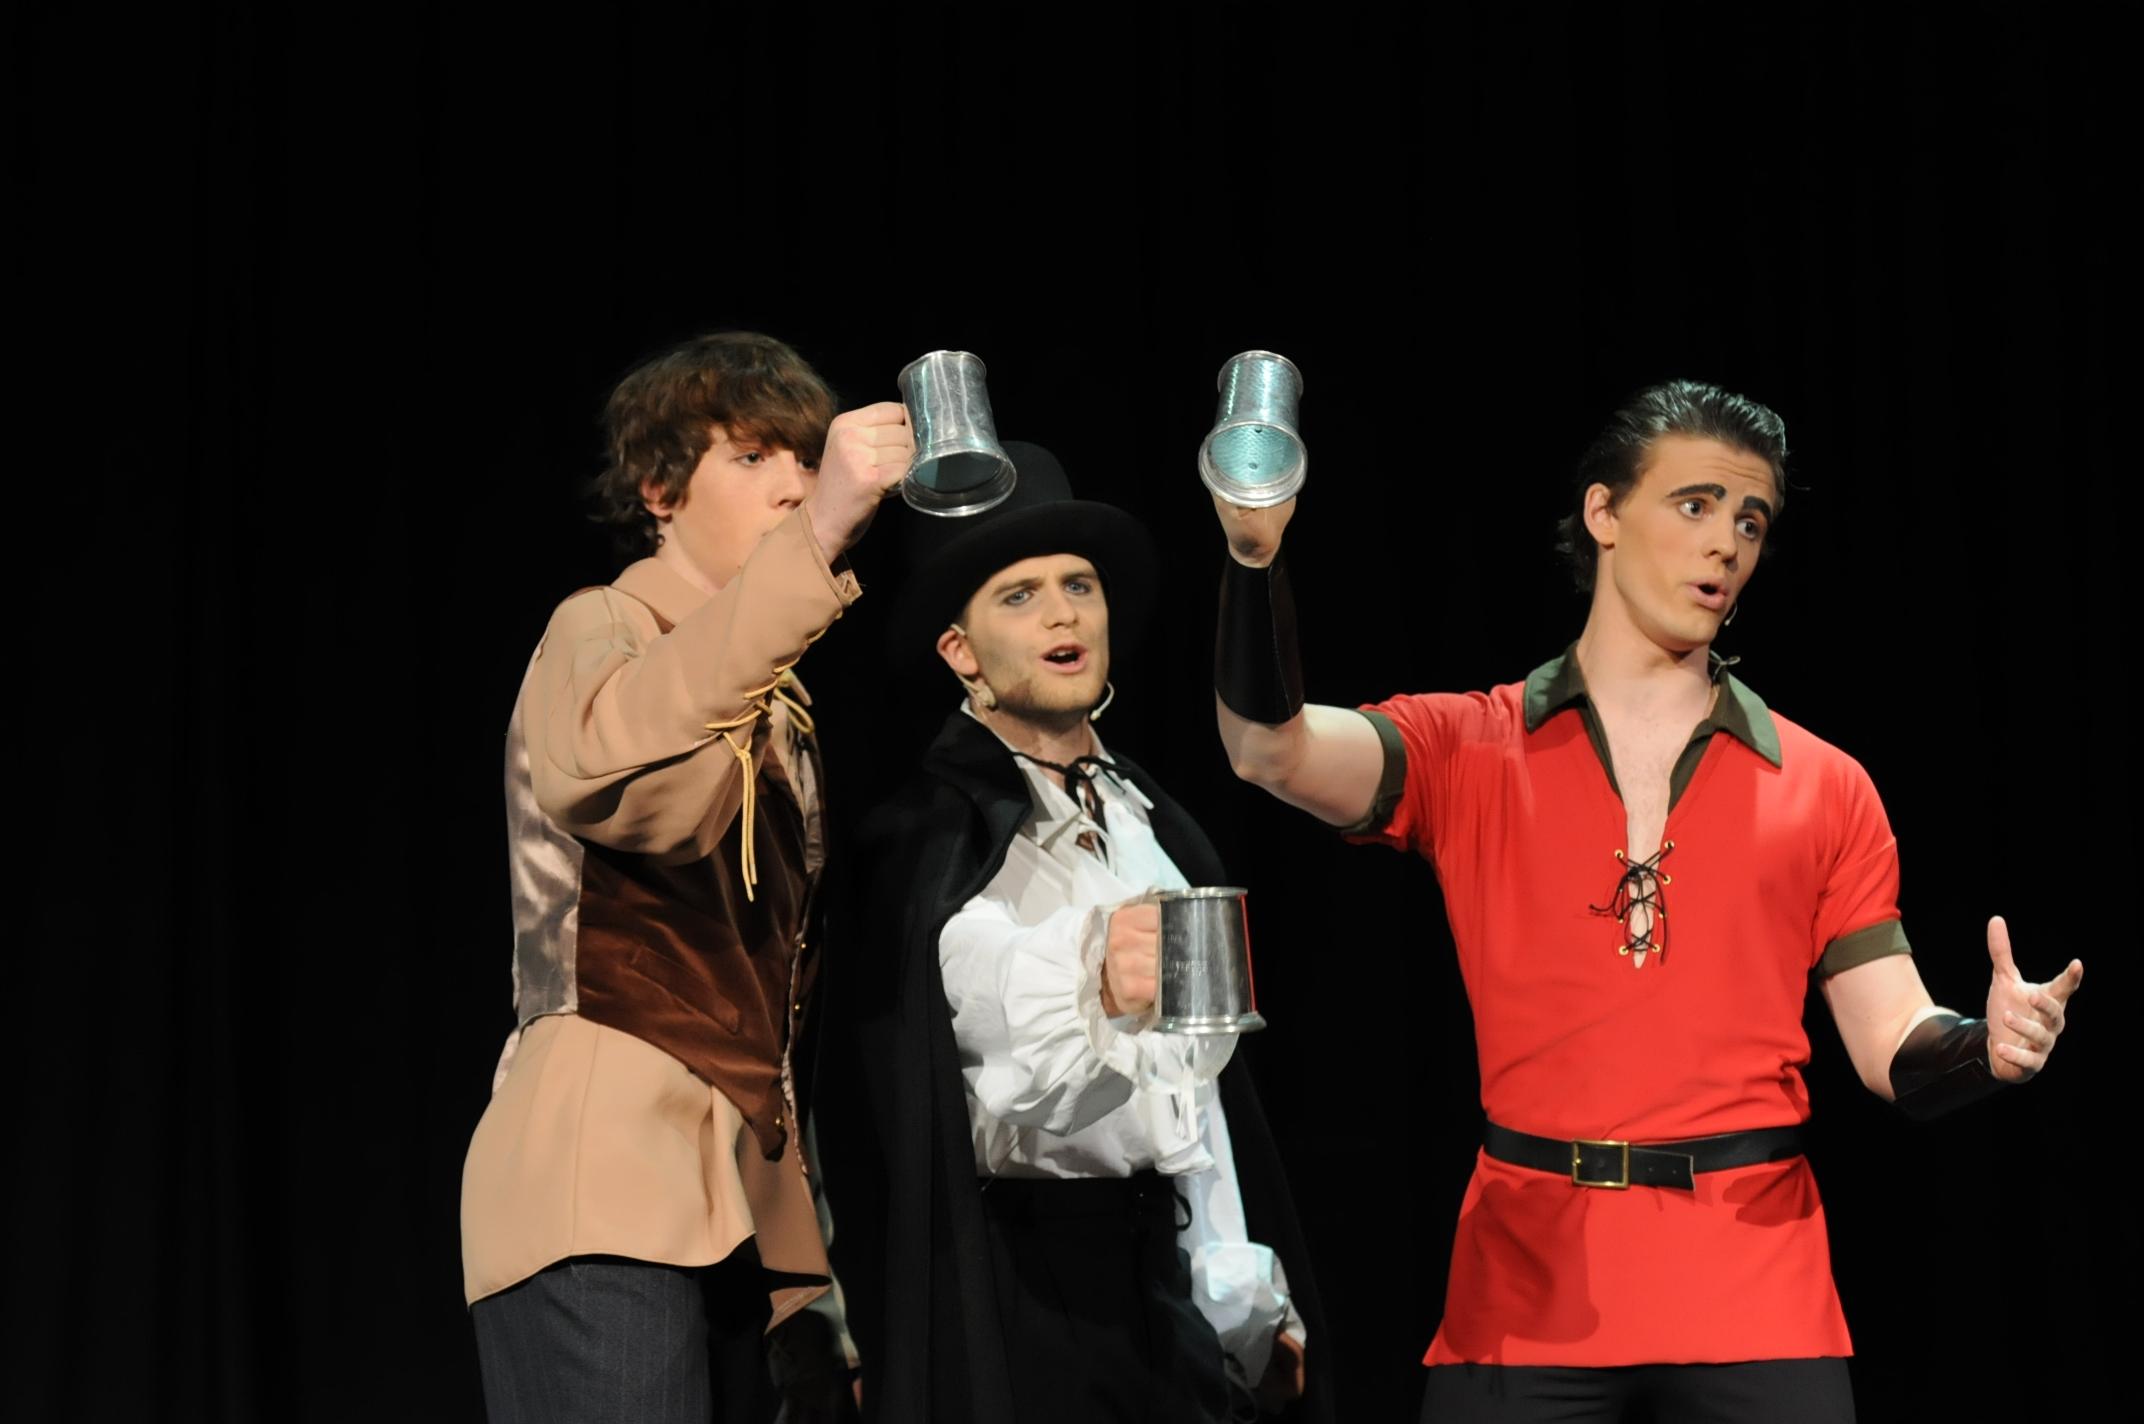 Le Fou, M. D'Arque & Gaston